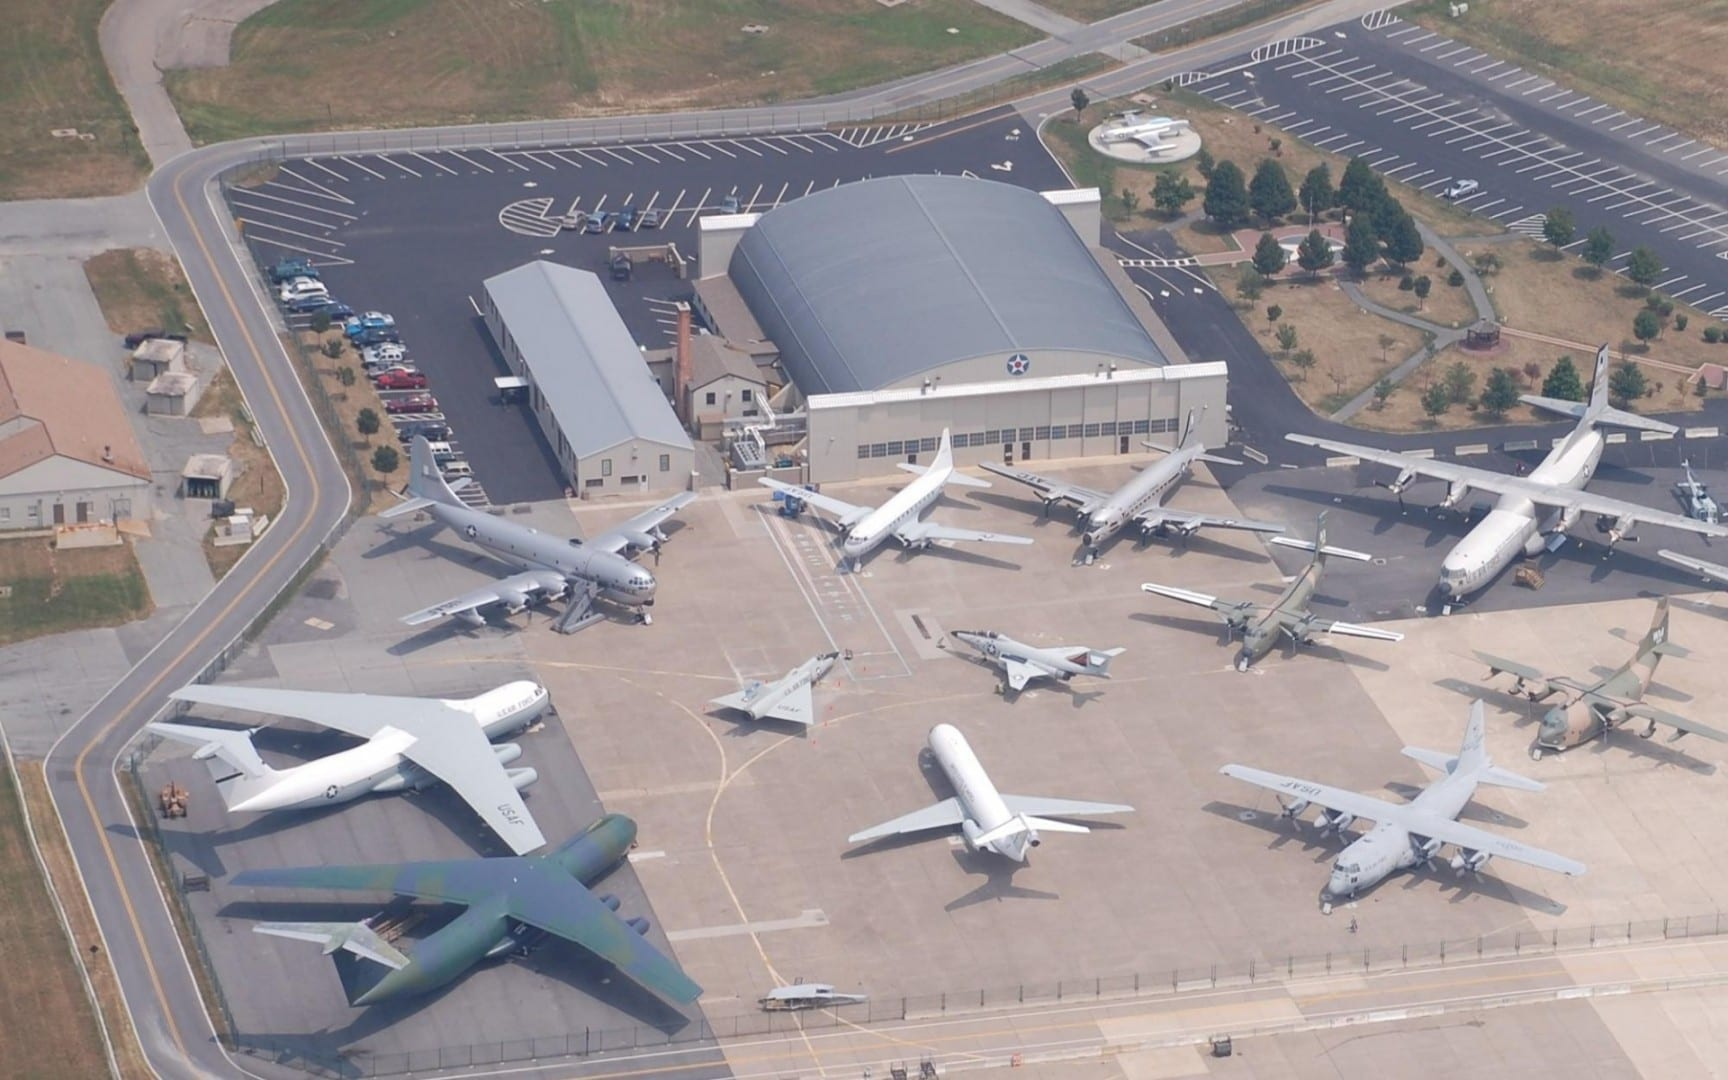 Museo del Comando de Movilidad Aérea Dover (Delaware) Estados Unidos